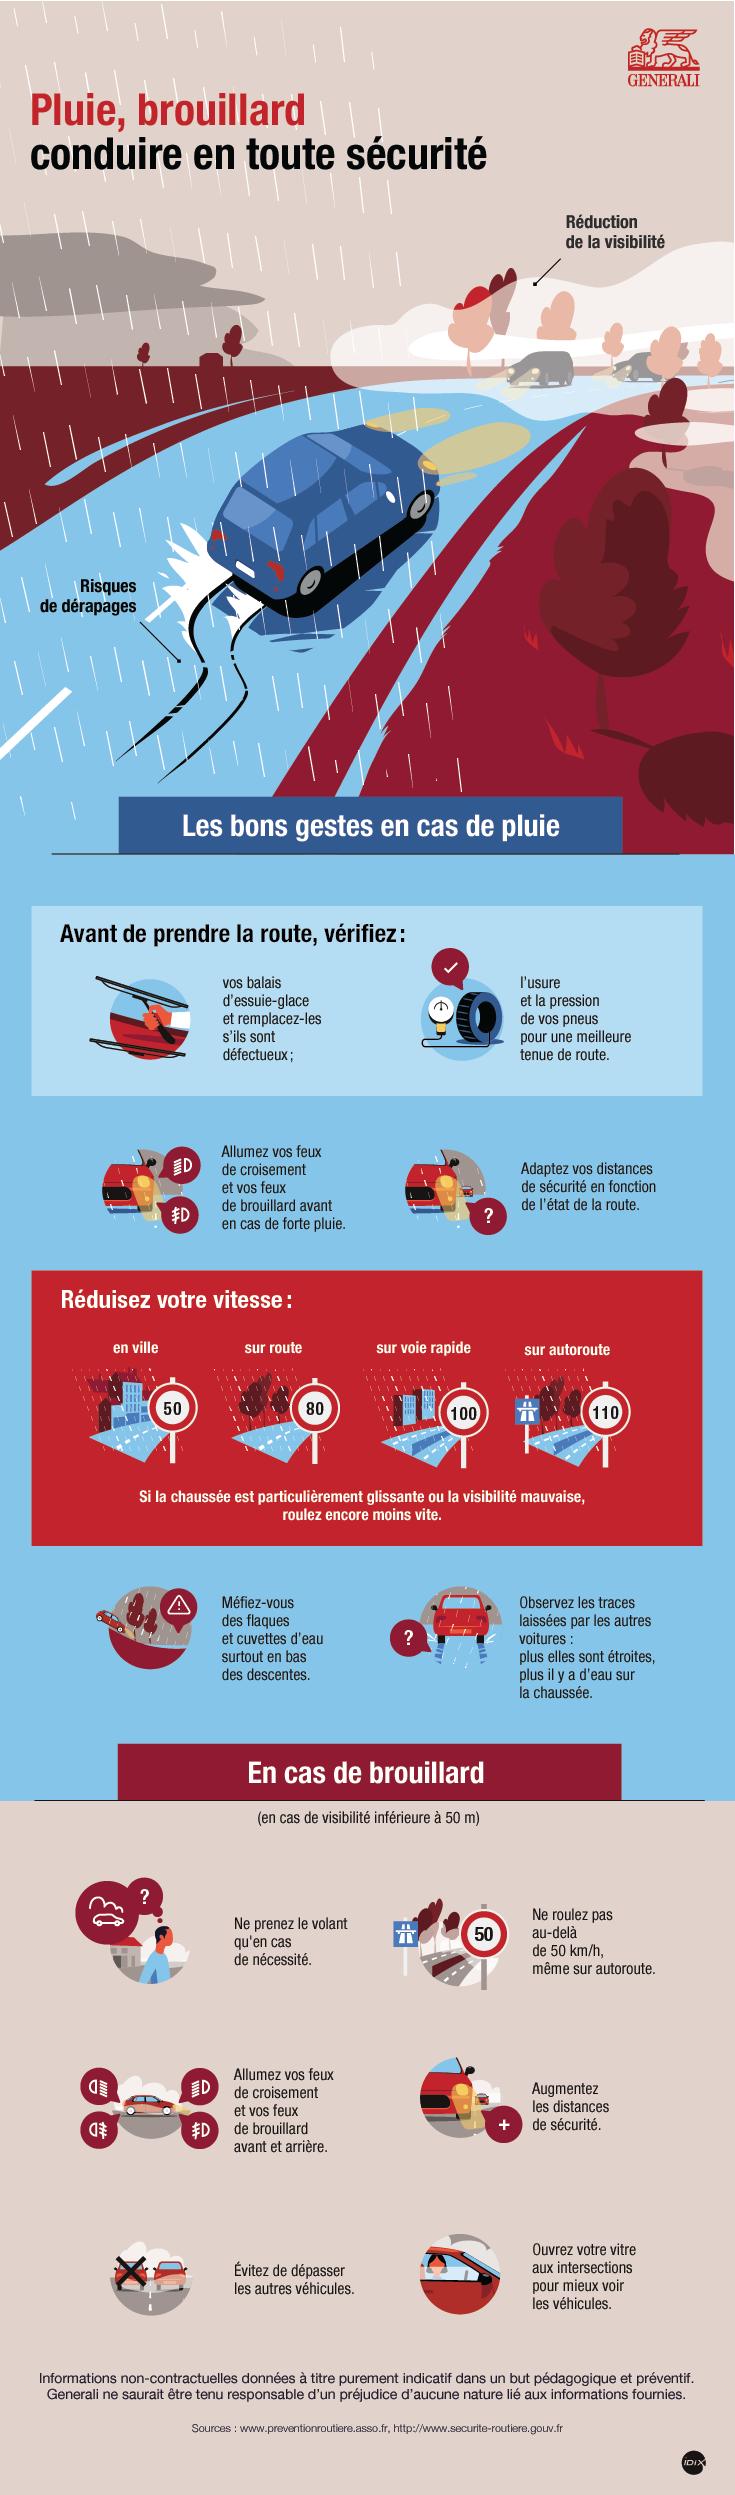 Pluie, brouillard: adoptez les bons gestes de conduite face aux intempéries